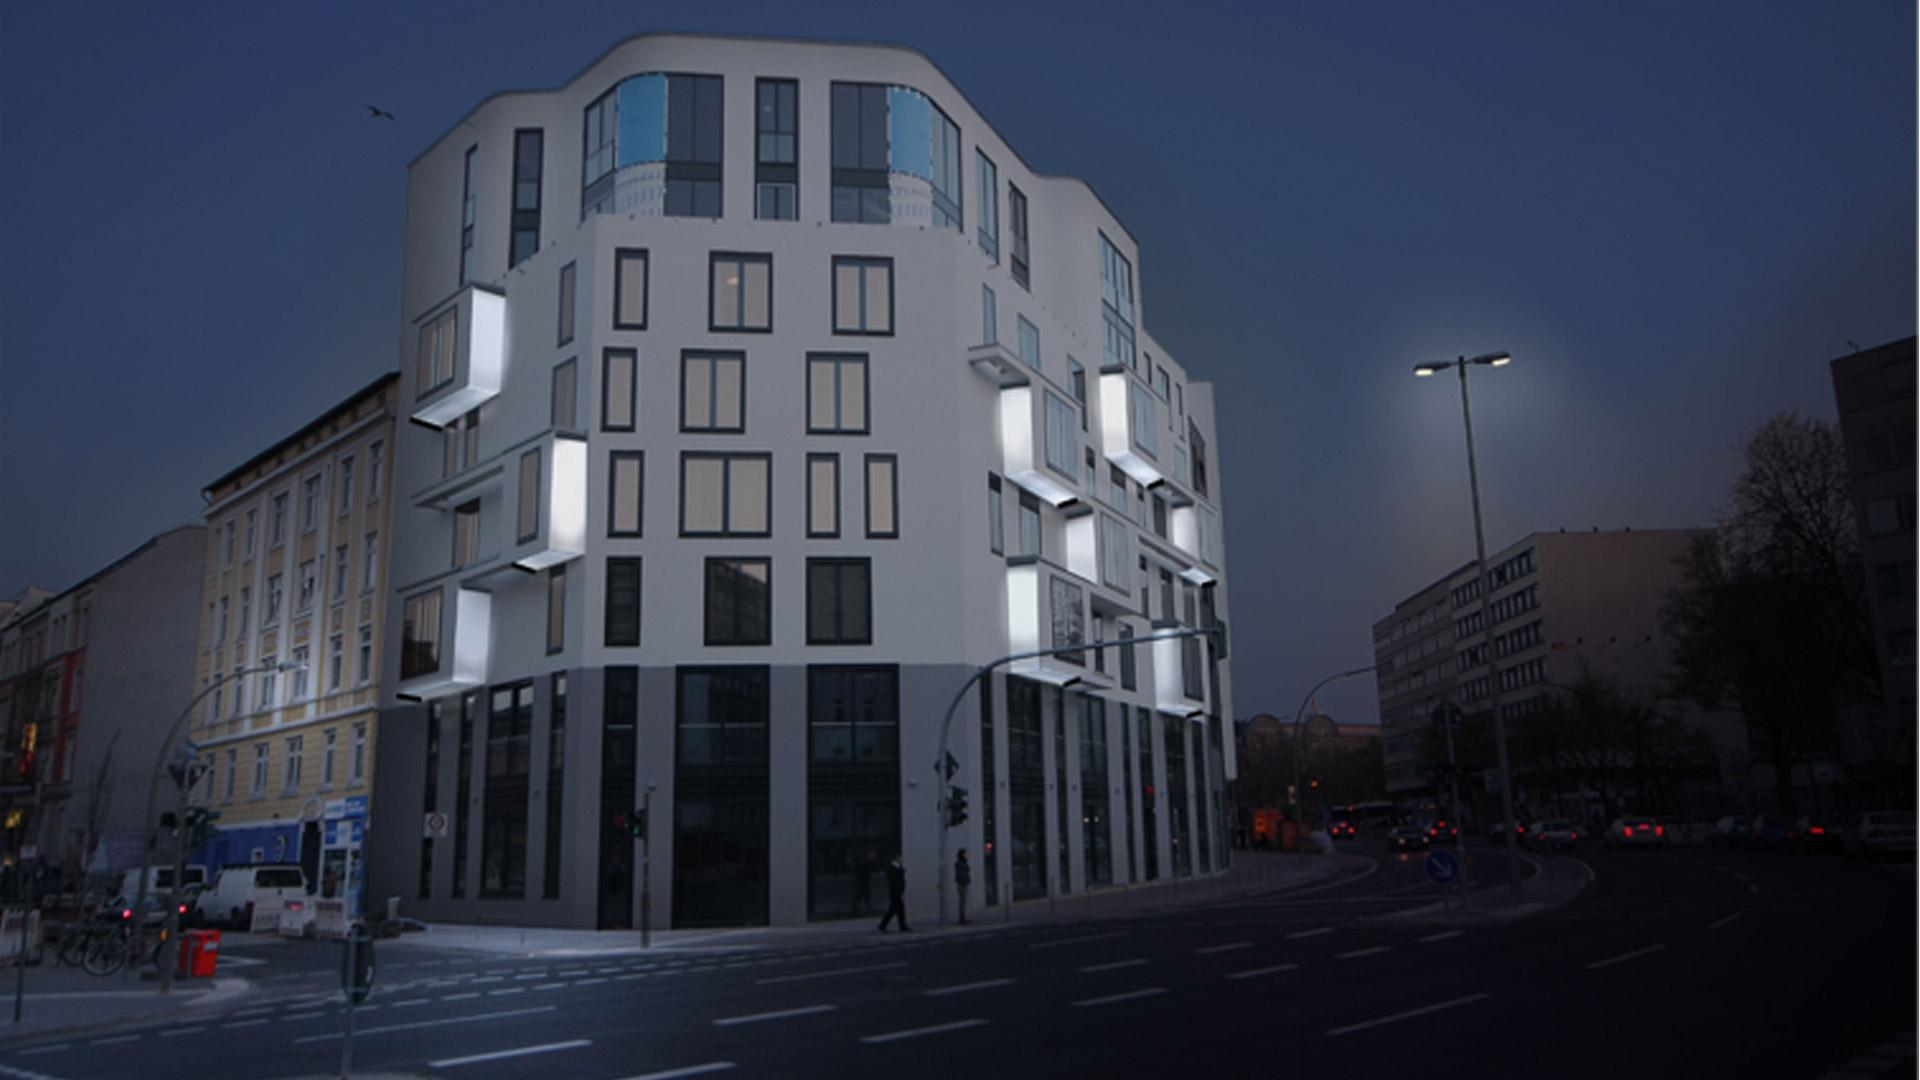 MAASS-Lichtplanung_Fassadenbeleuchtung Steinkreuzquartier in Hamburg__MAASS-Fassadenbeleuchtung-Steinkreuzquartier-005